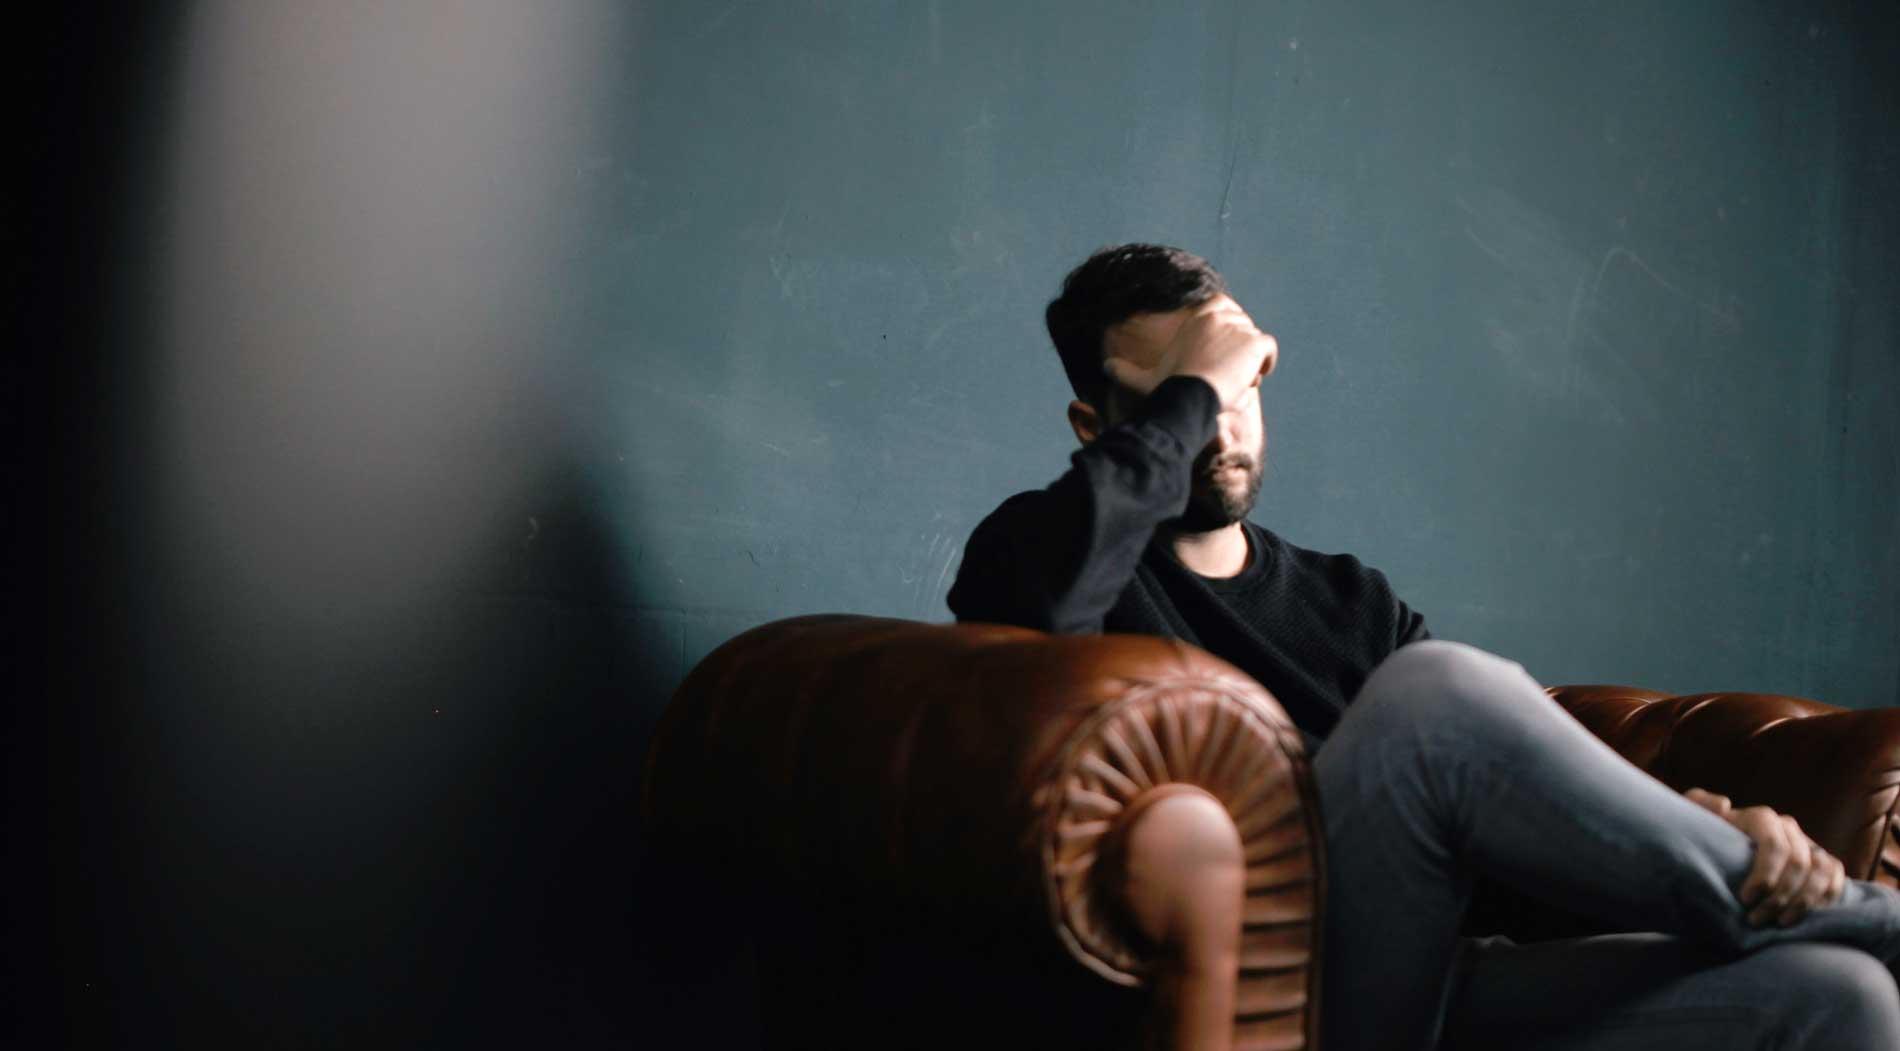 Kopfschmerzen nach einem Schlaganfall